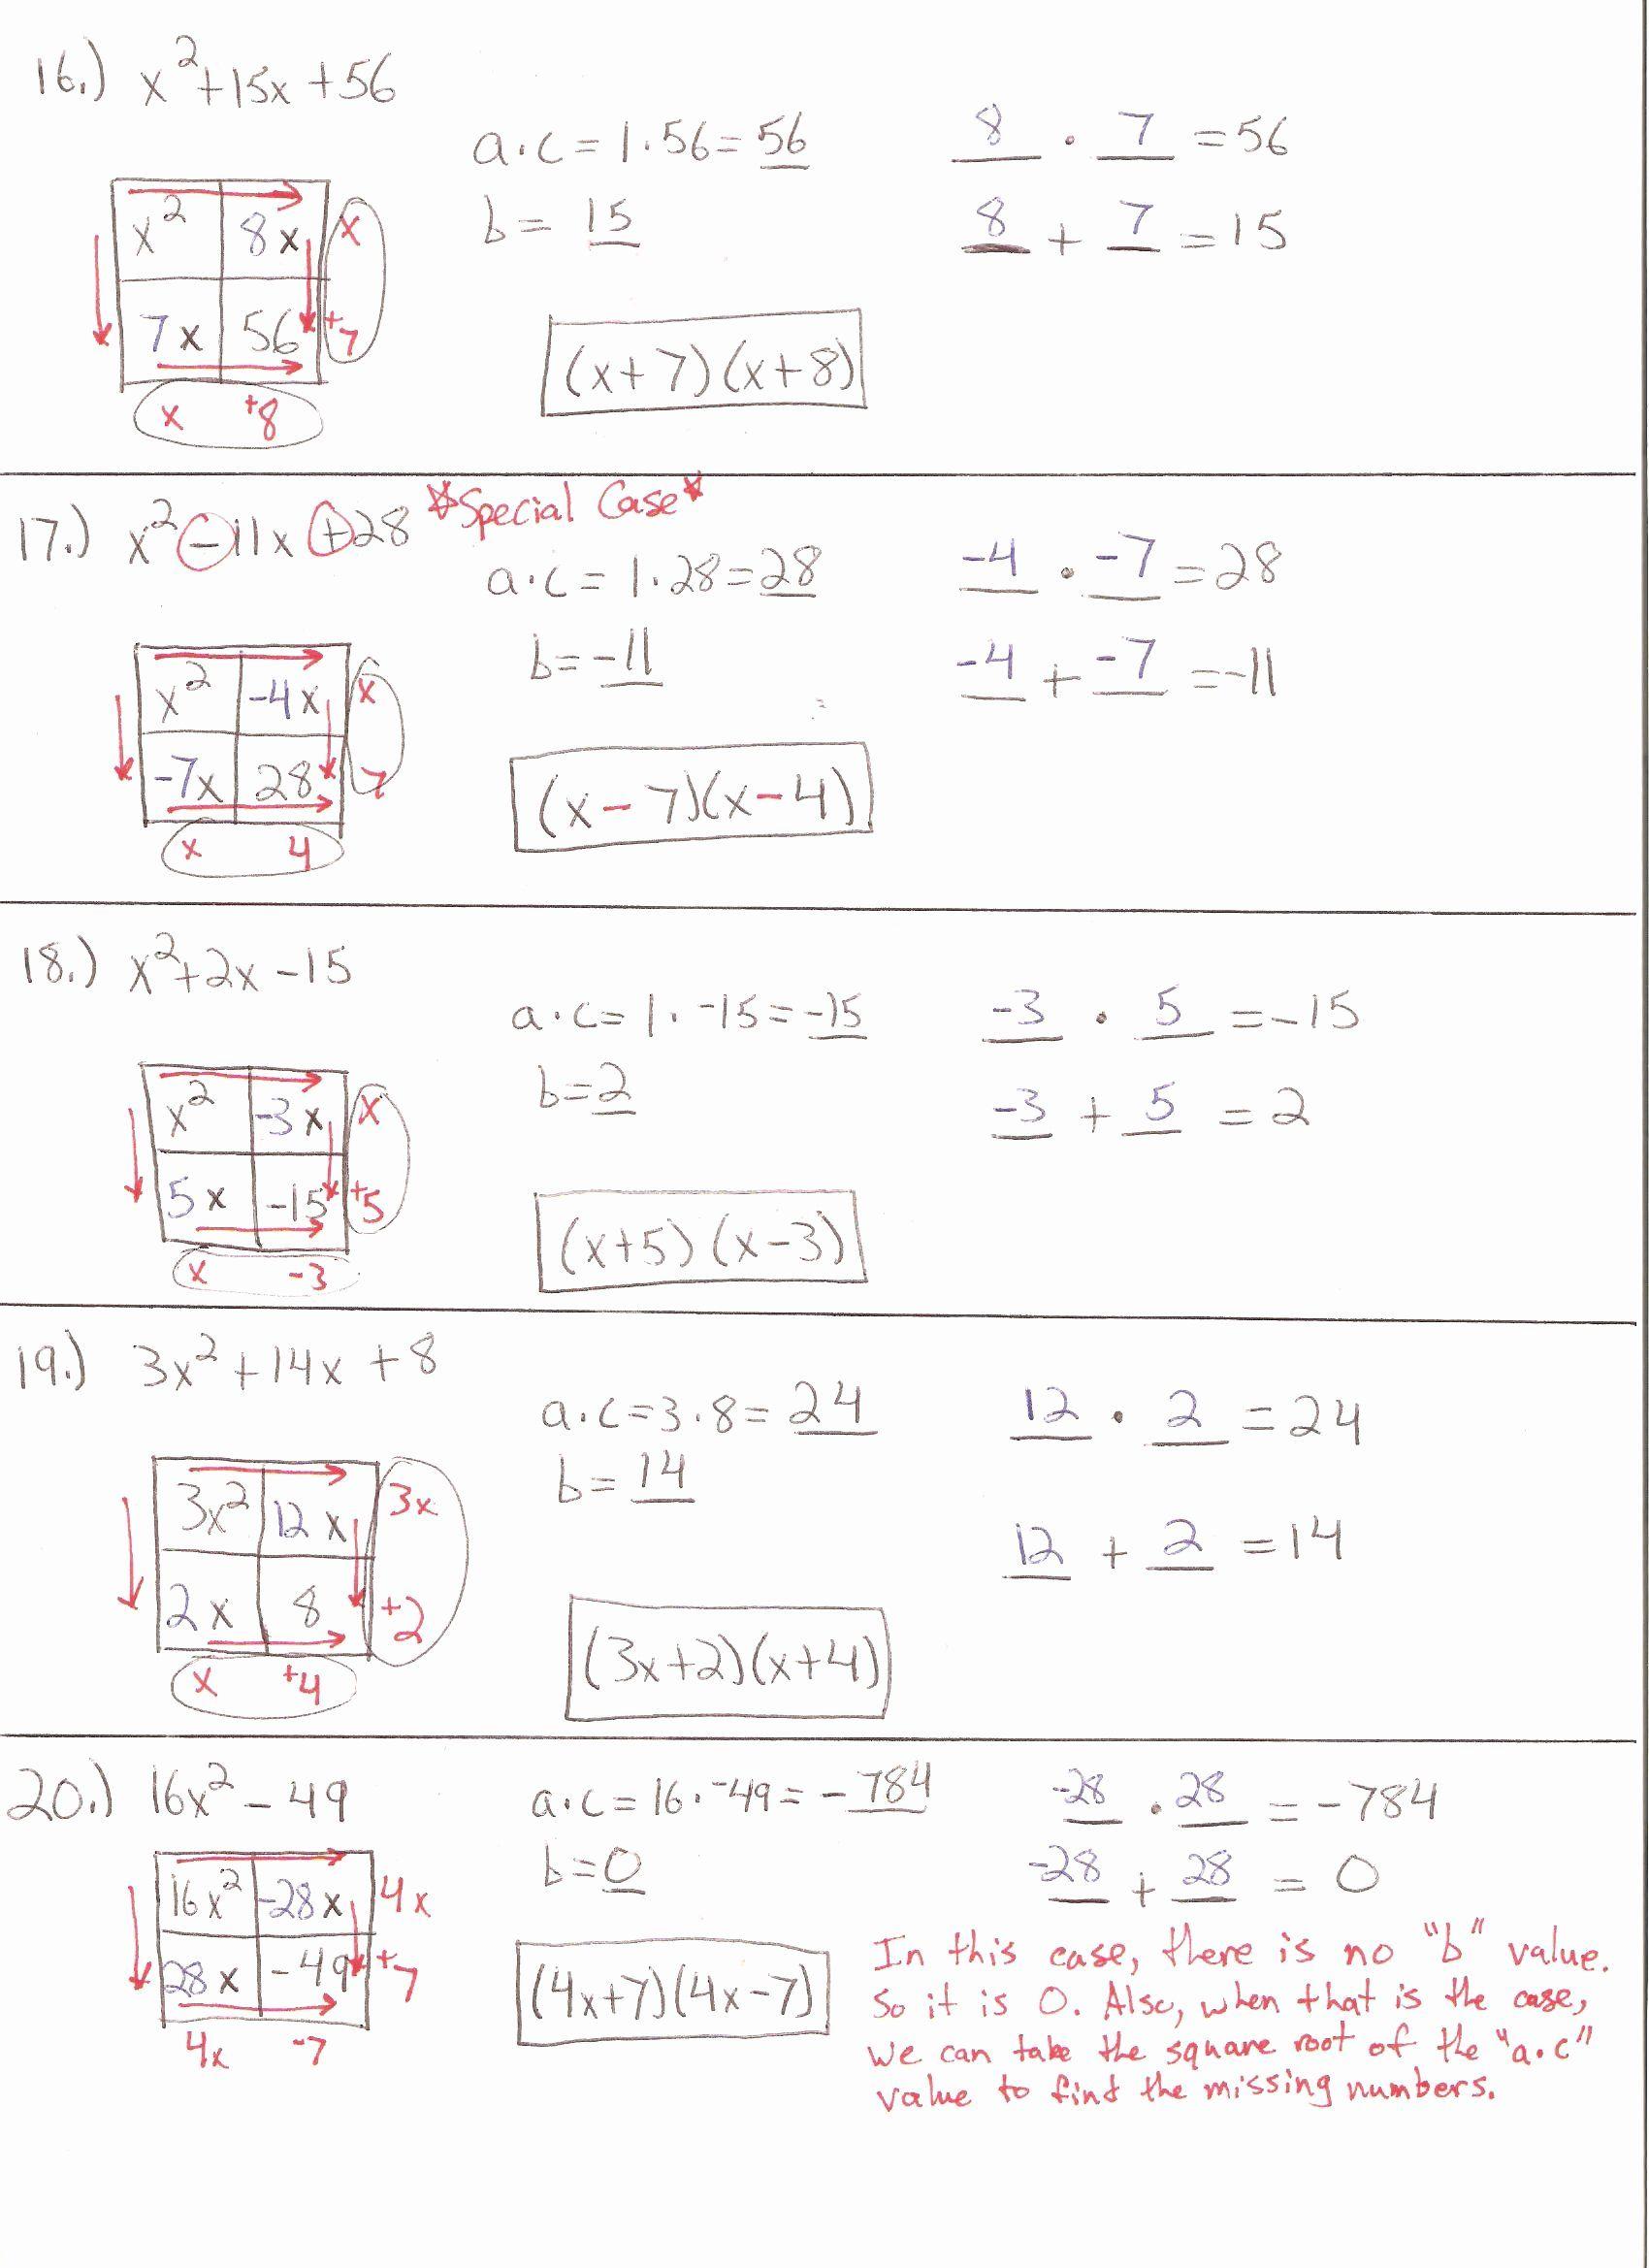 50 Algebra 1 Review Worksheet In